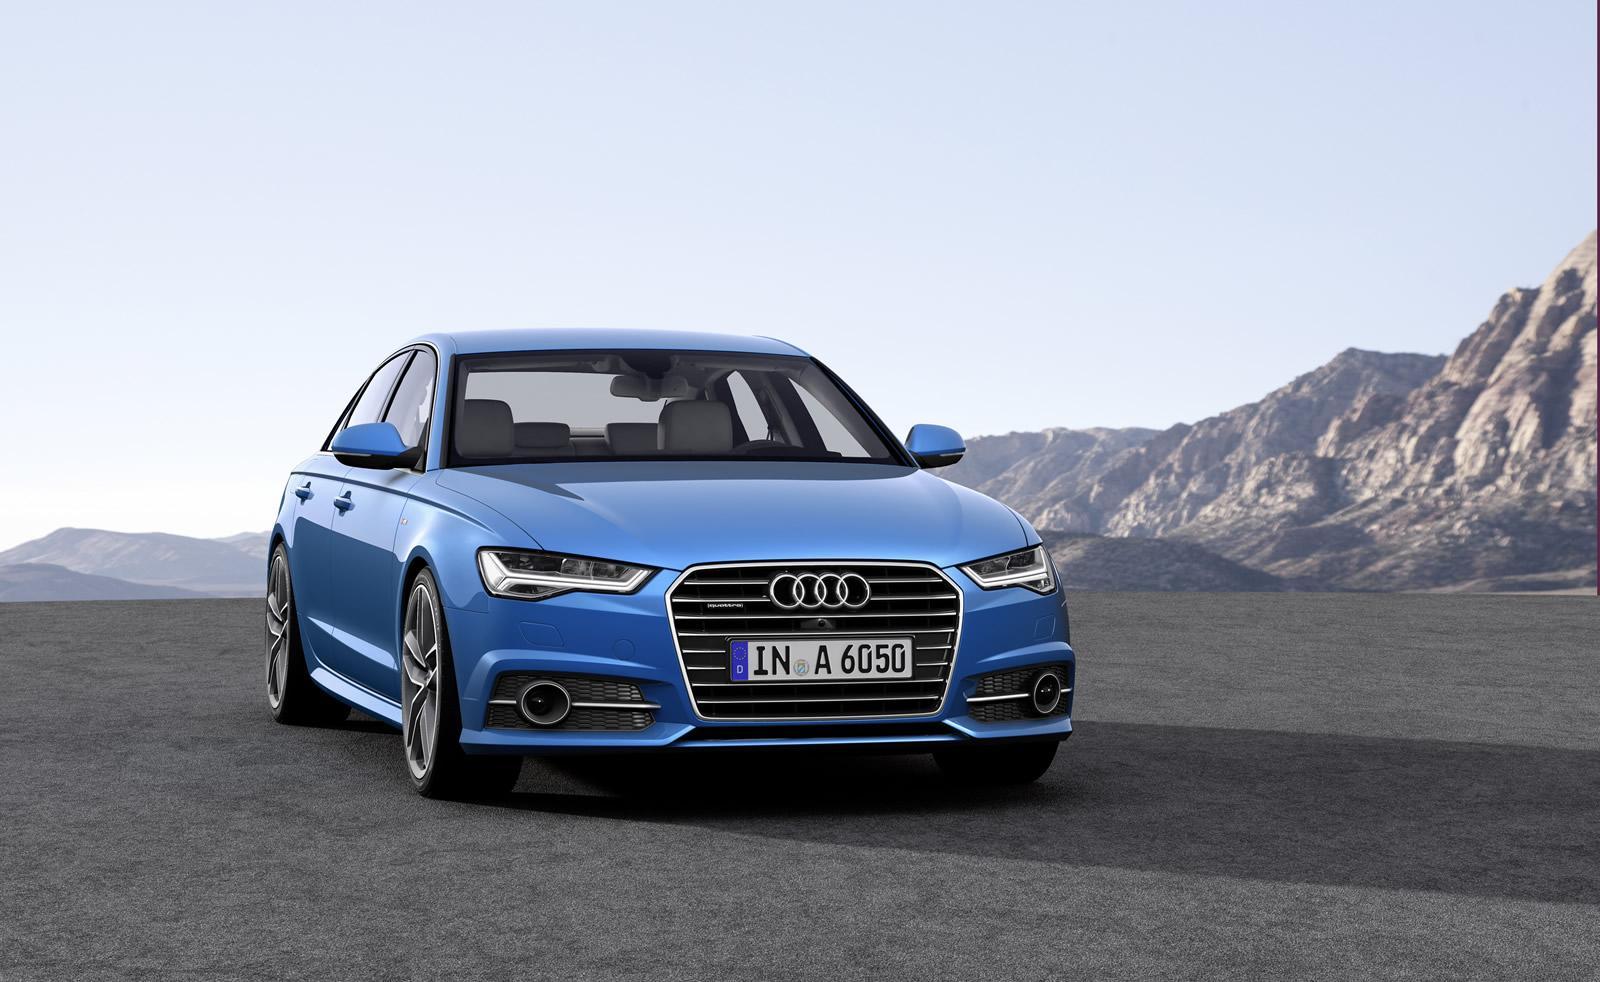 Nueva gama Audi A6